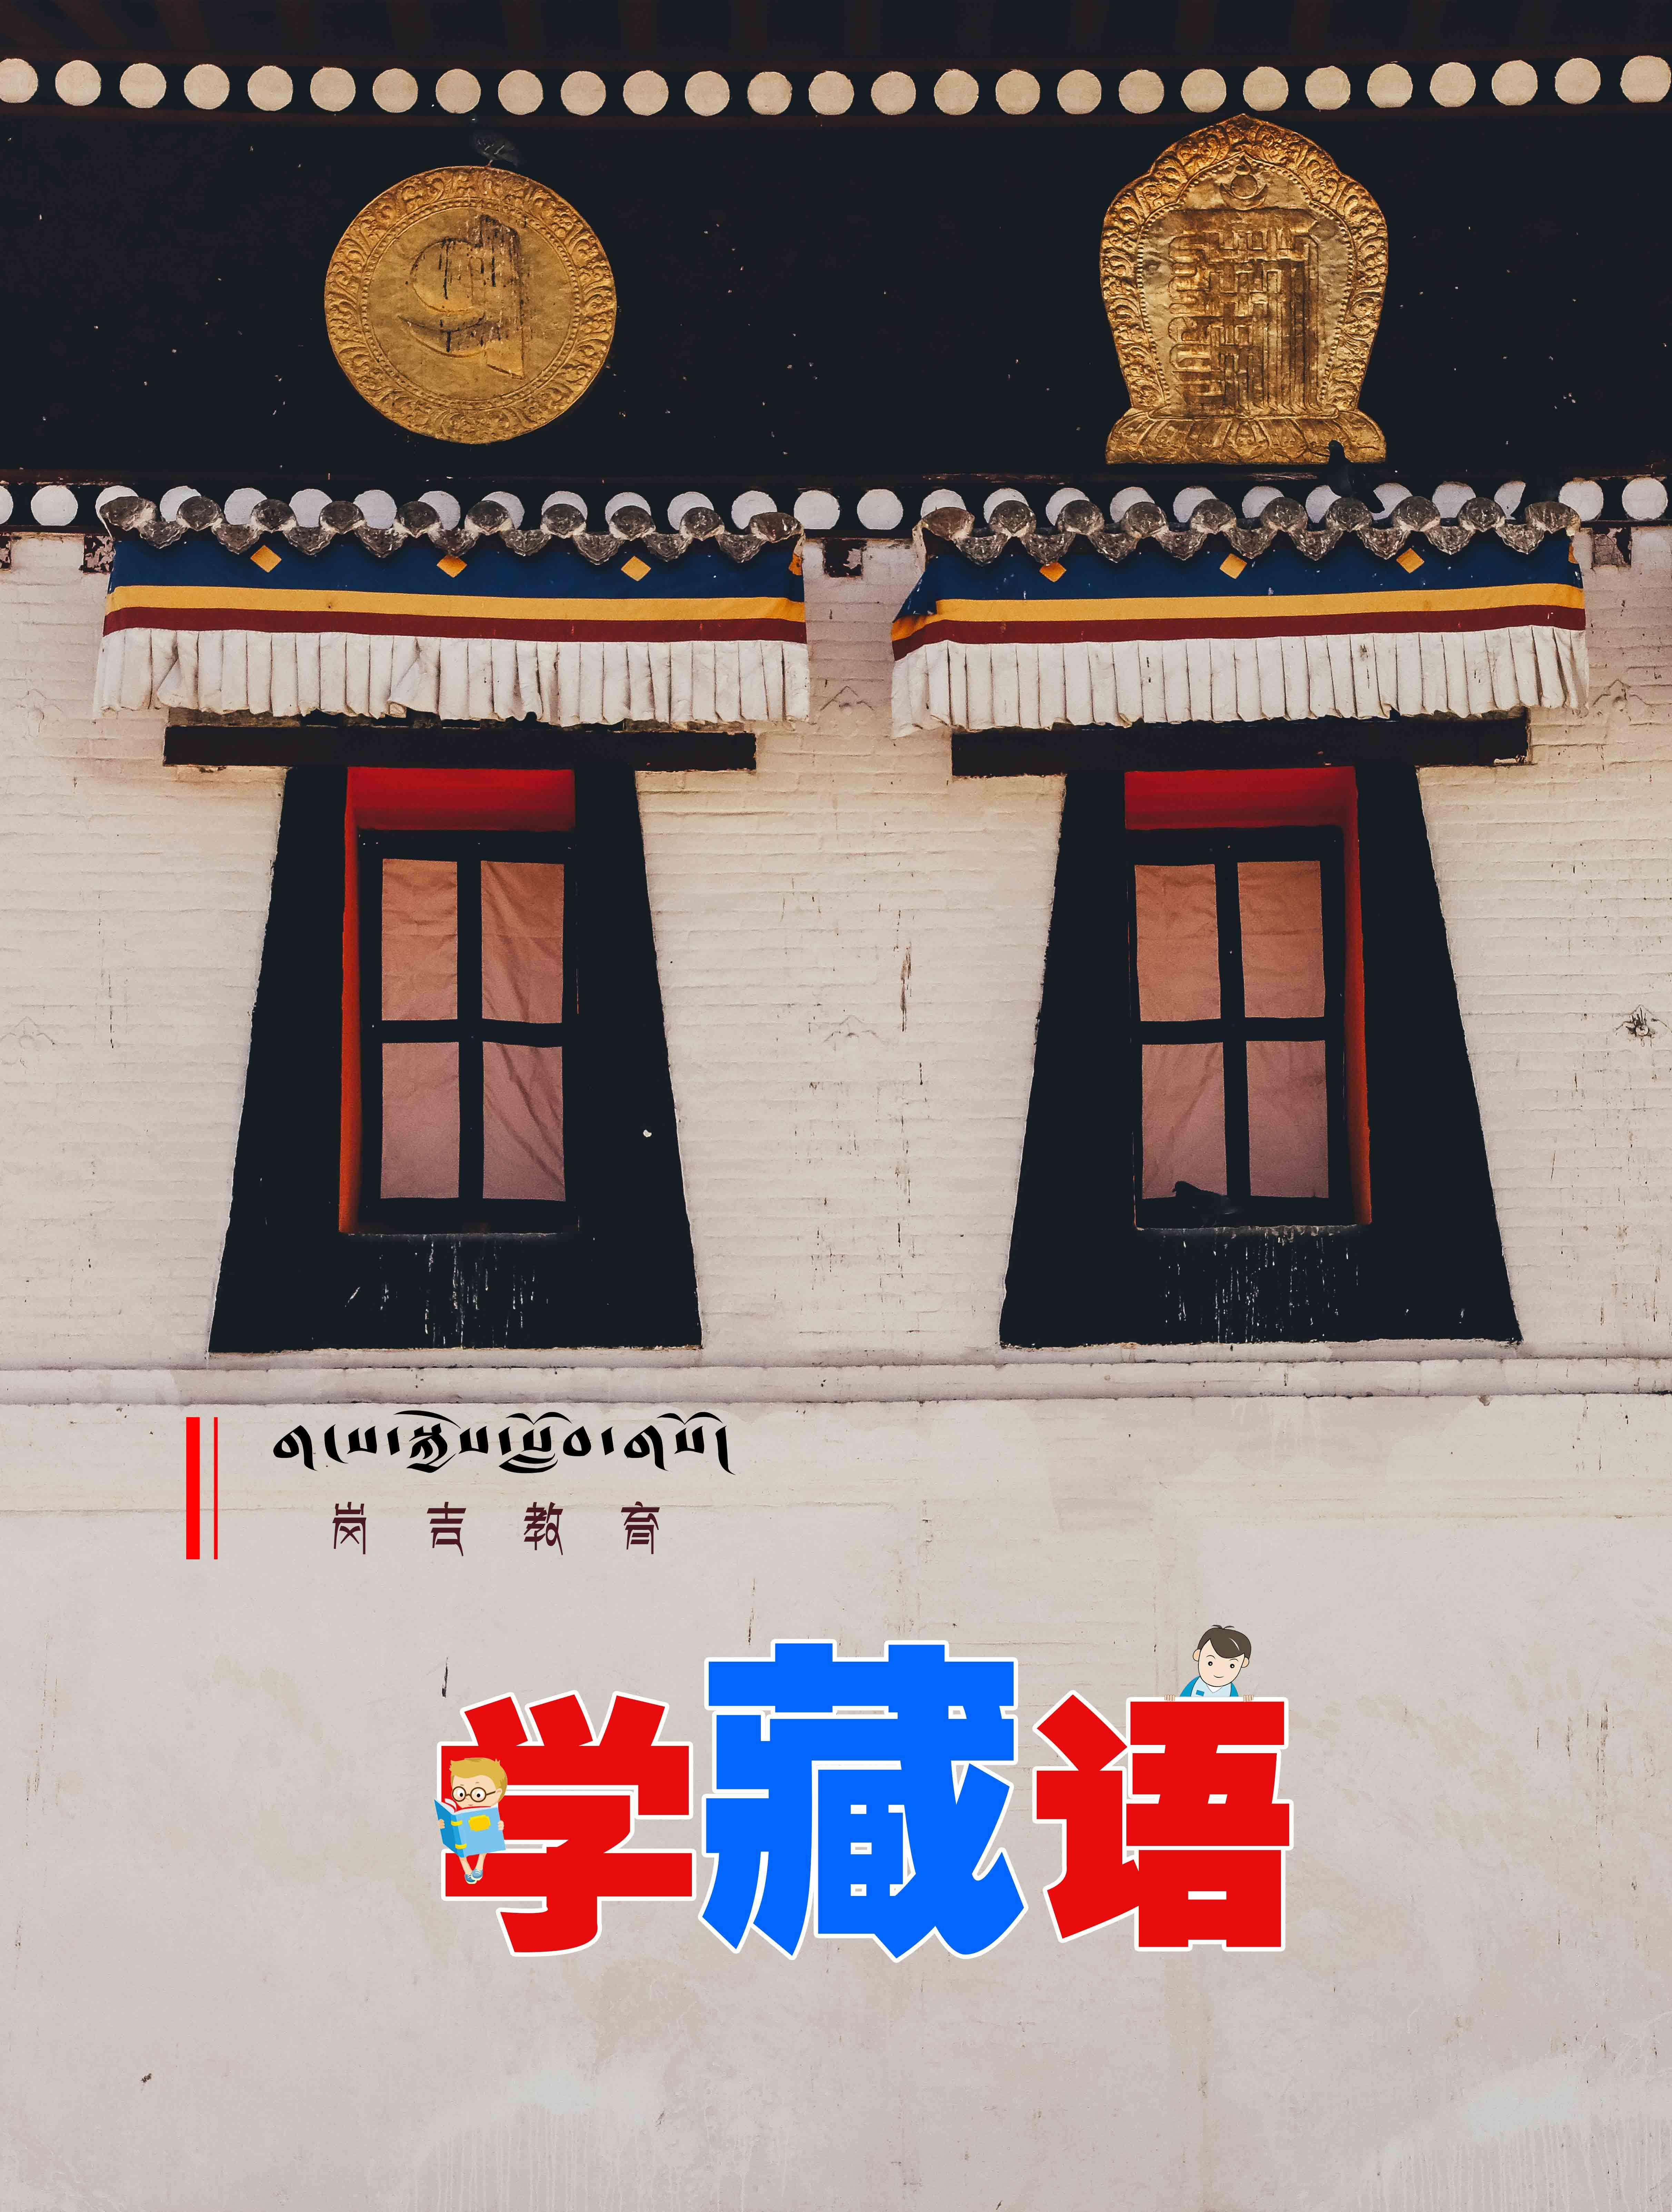 རང་སྐད་སྲོག །གཞན་སྐད་རྒྱན། །来~学习藏语!